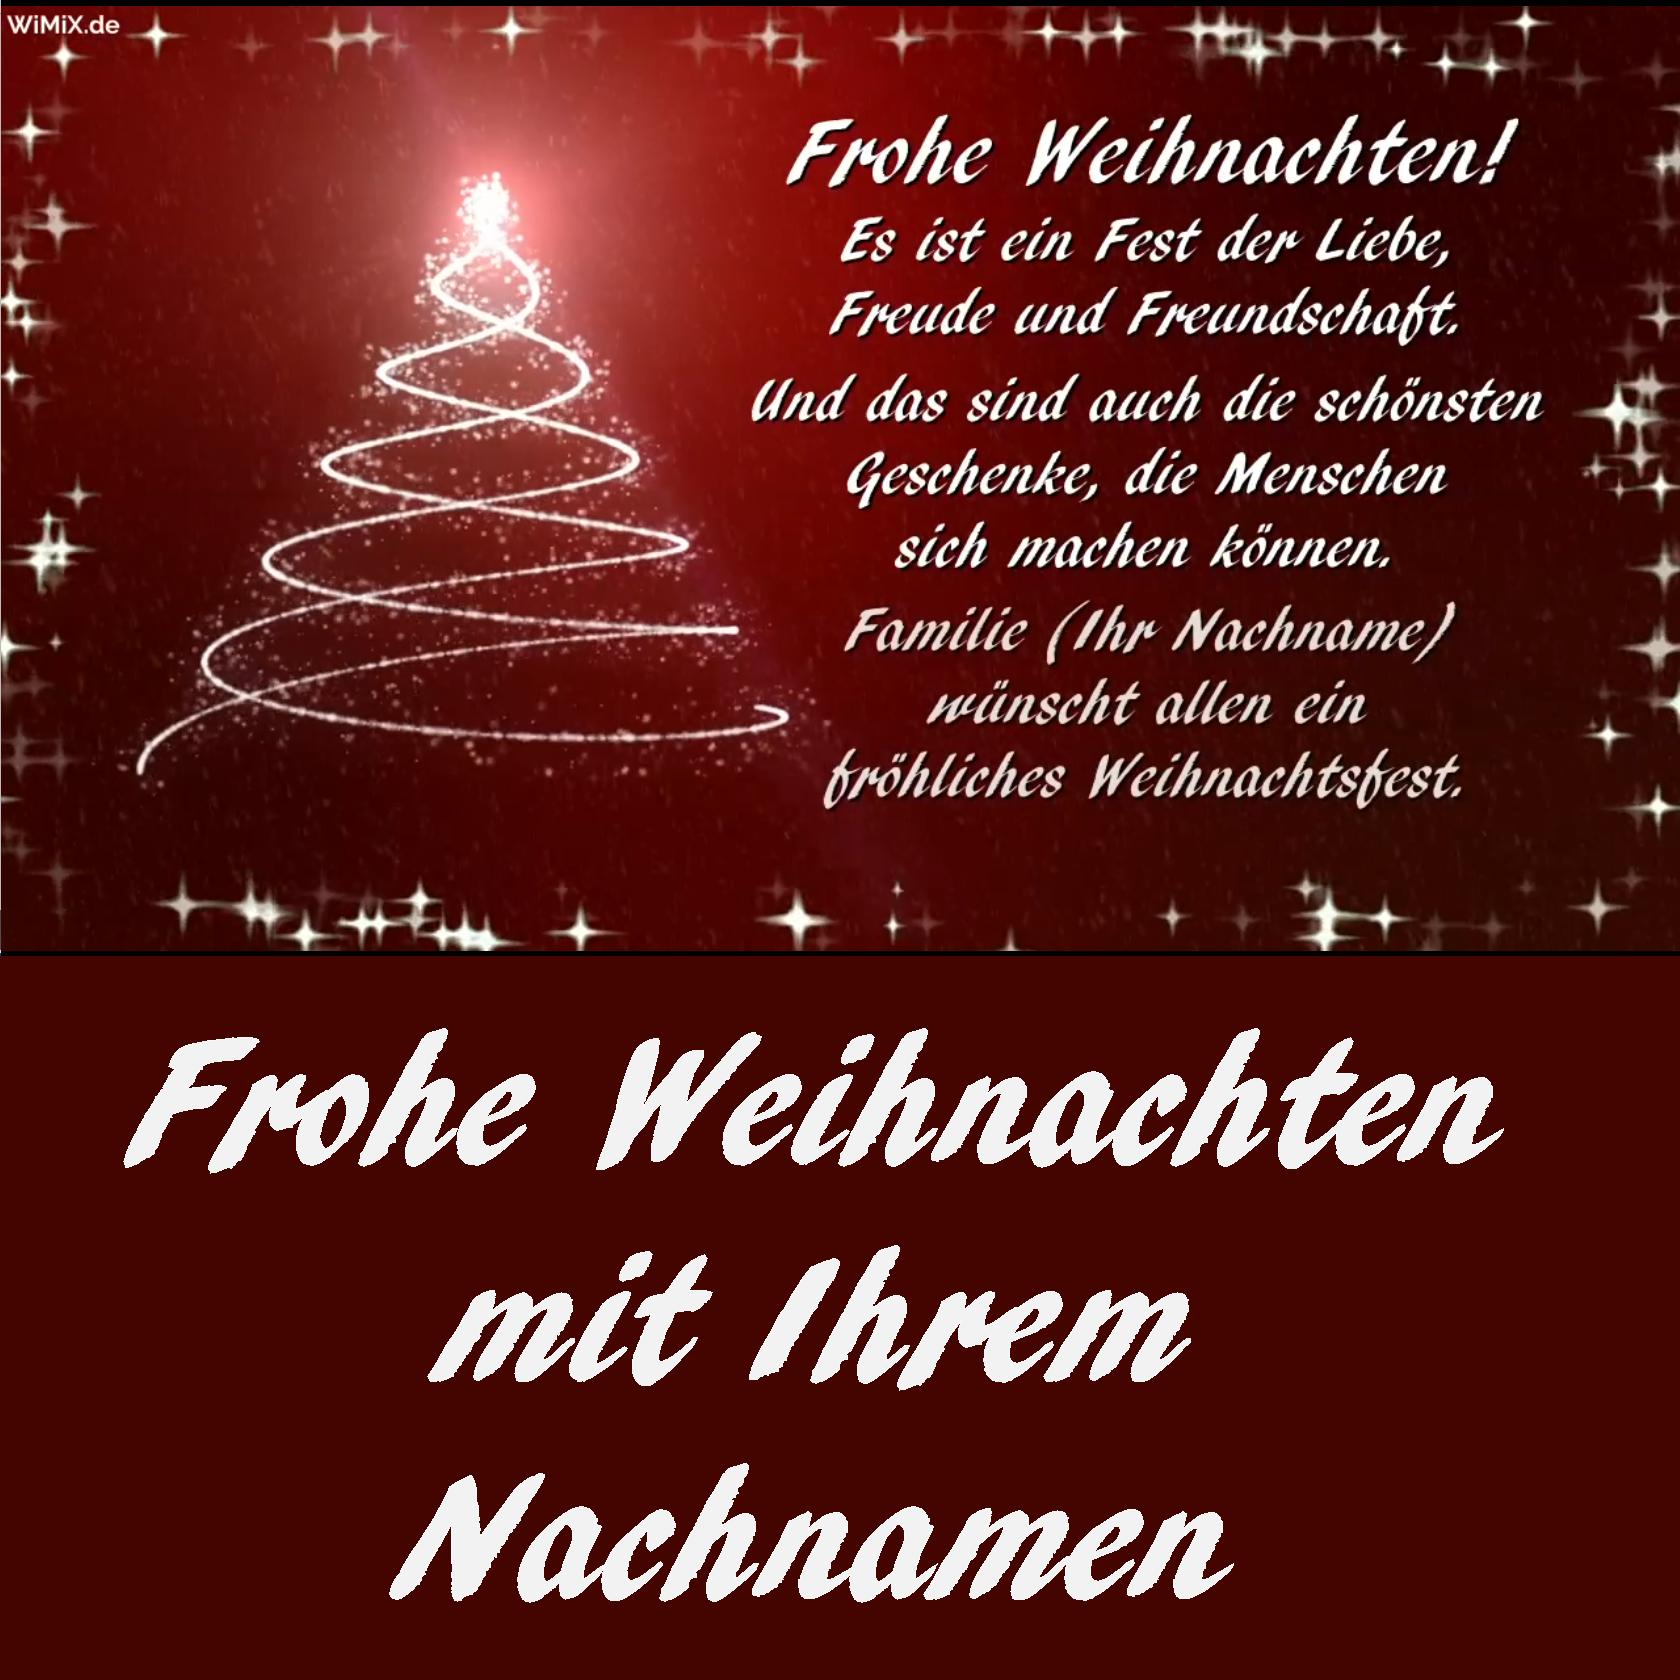 Die Familie Weihnachten Frohe Weihnachtsgrüße